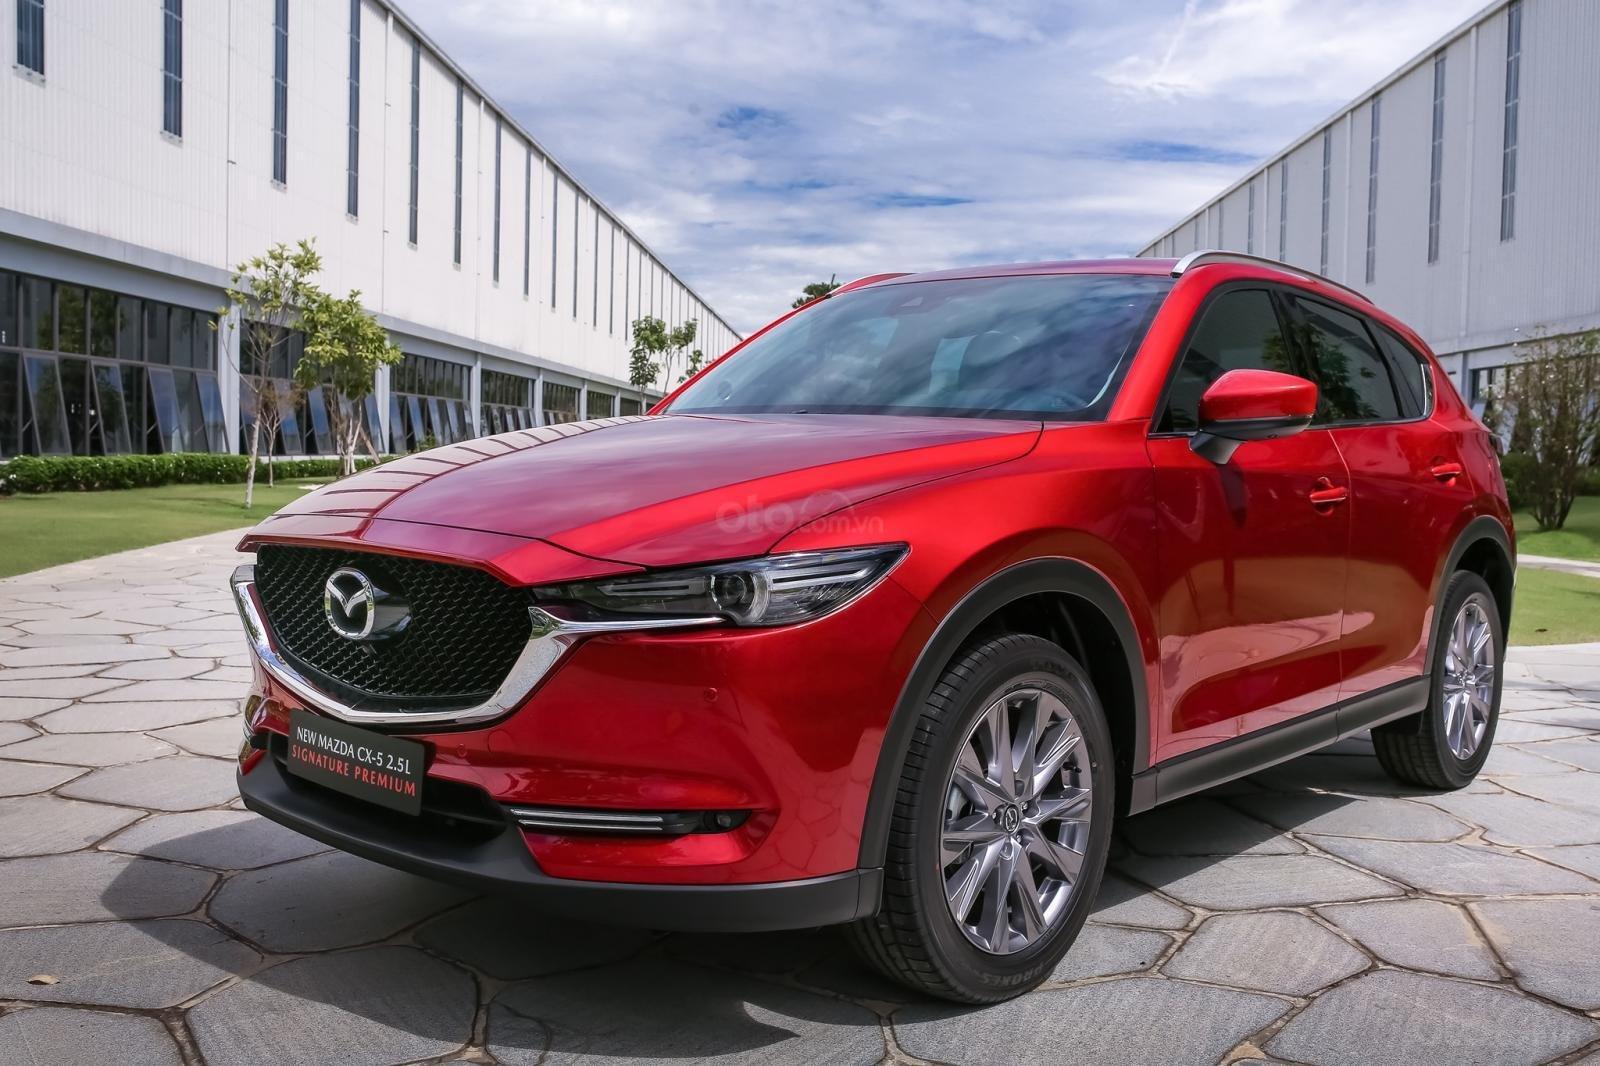 Mazda CX5 mới giảm ngay tiền mặt 85 triệu, thủ tục ngân hàng đơn giản (1)